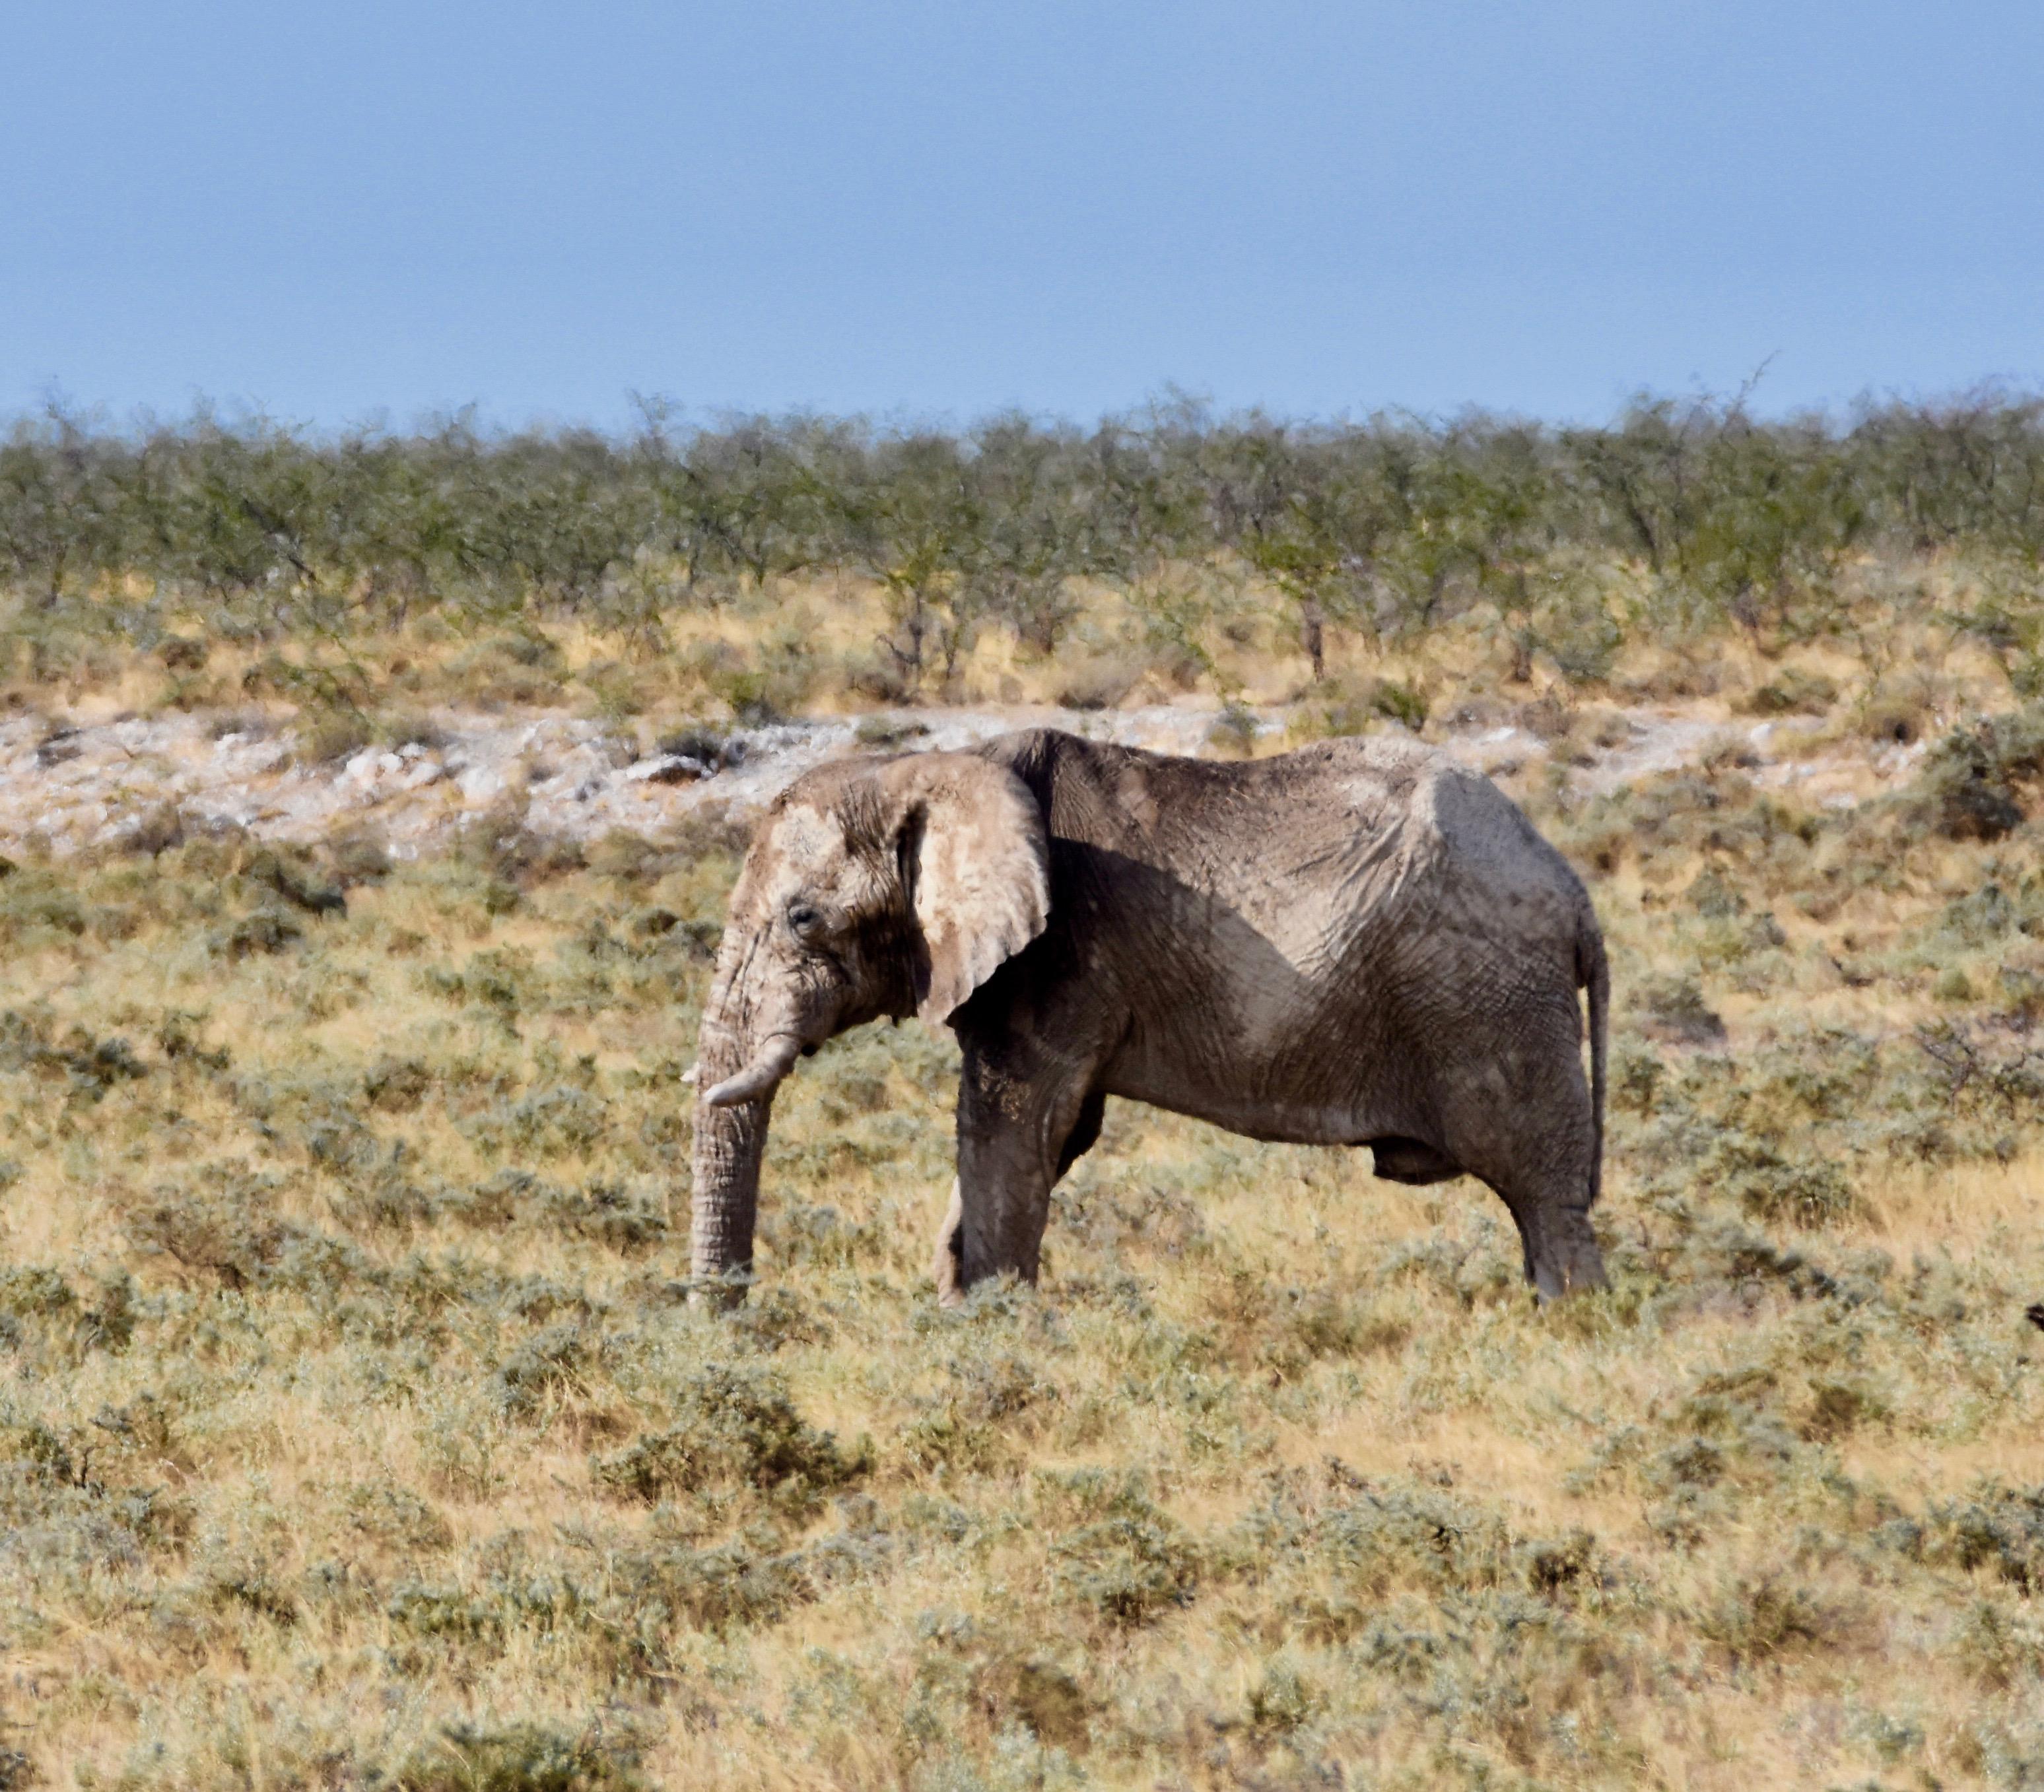 Old Bull Elephant, Etosha